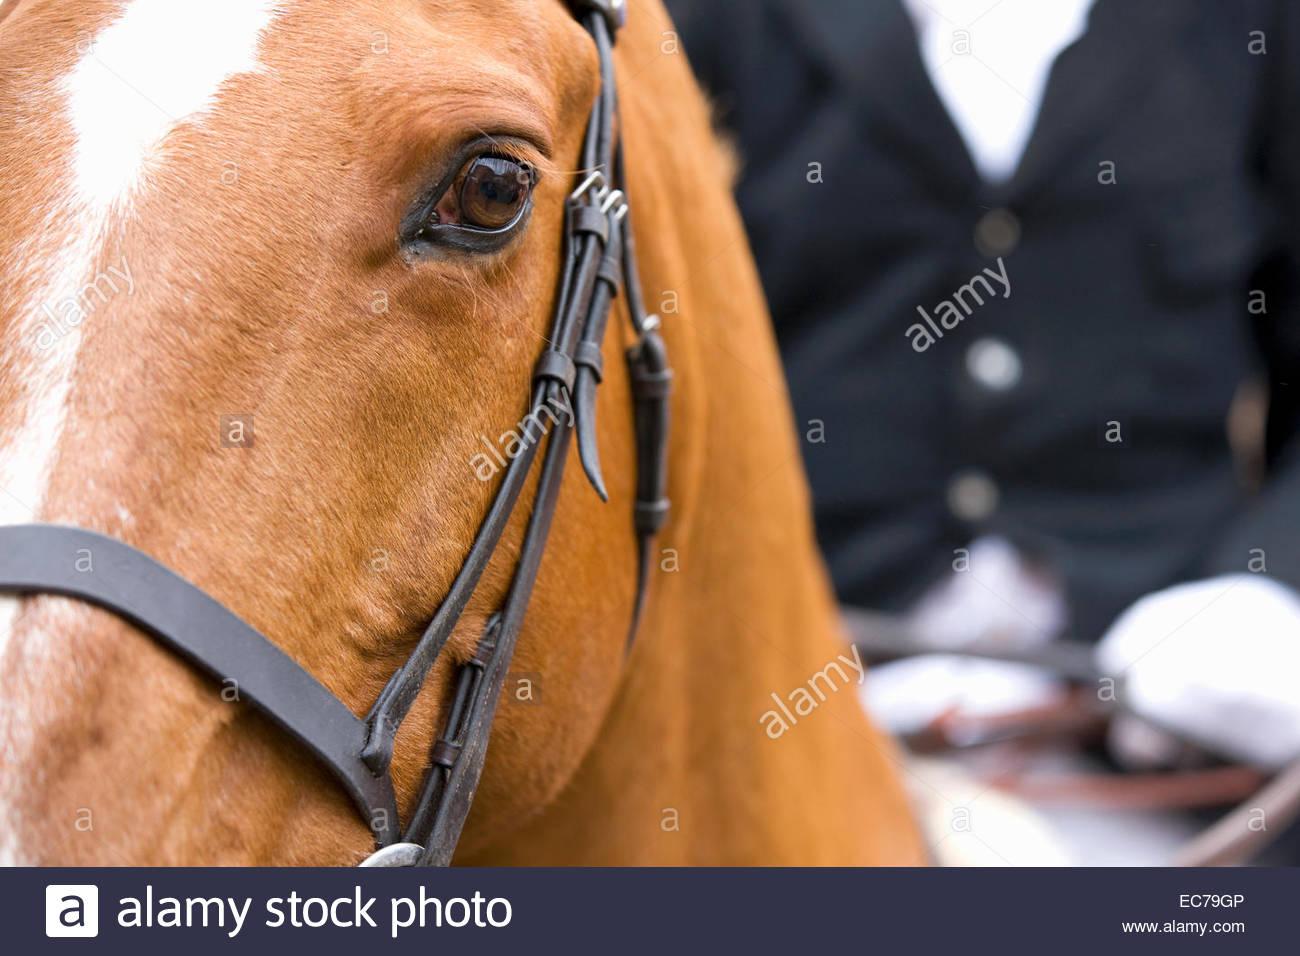 Nahaufnahme der Kopf des Pferdes mit Reiter im Hintergrund Stockbild